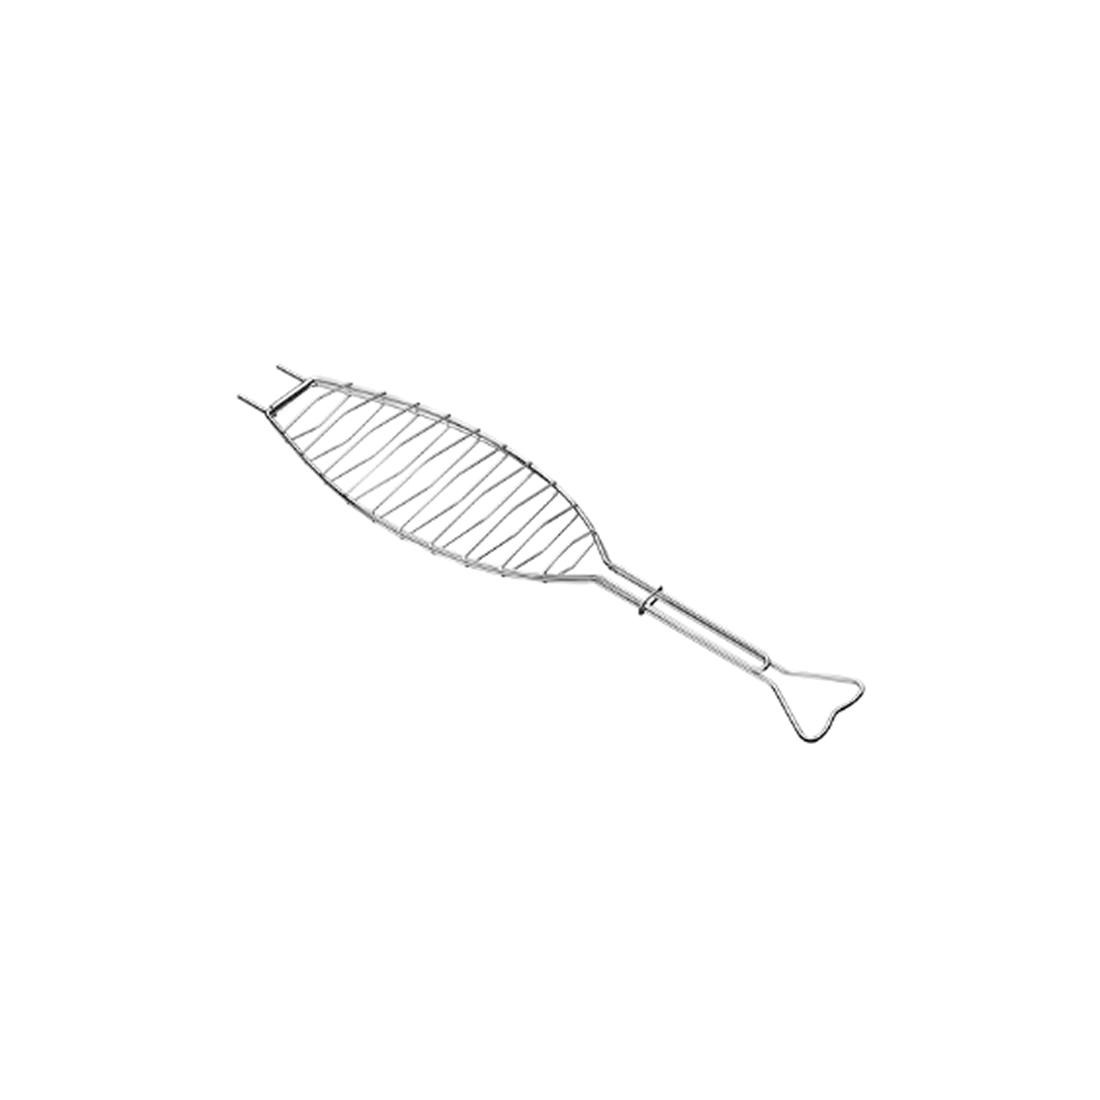 Grelha Plana Aço Inox Para Peixe Tramontina Ref 26483000